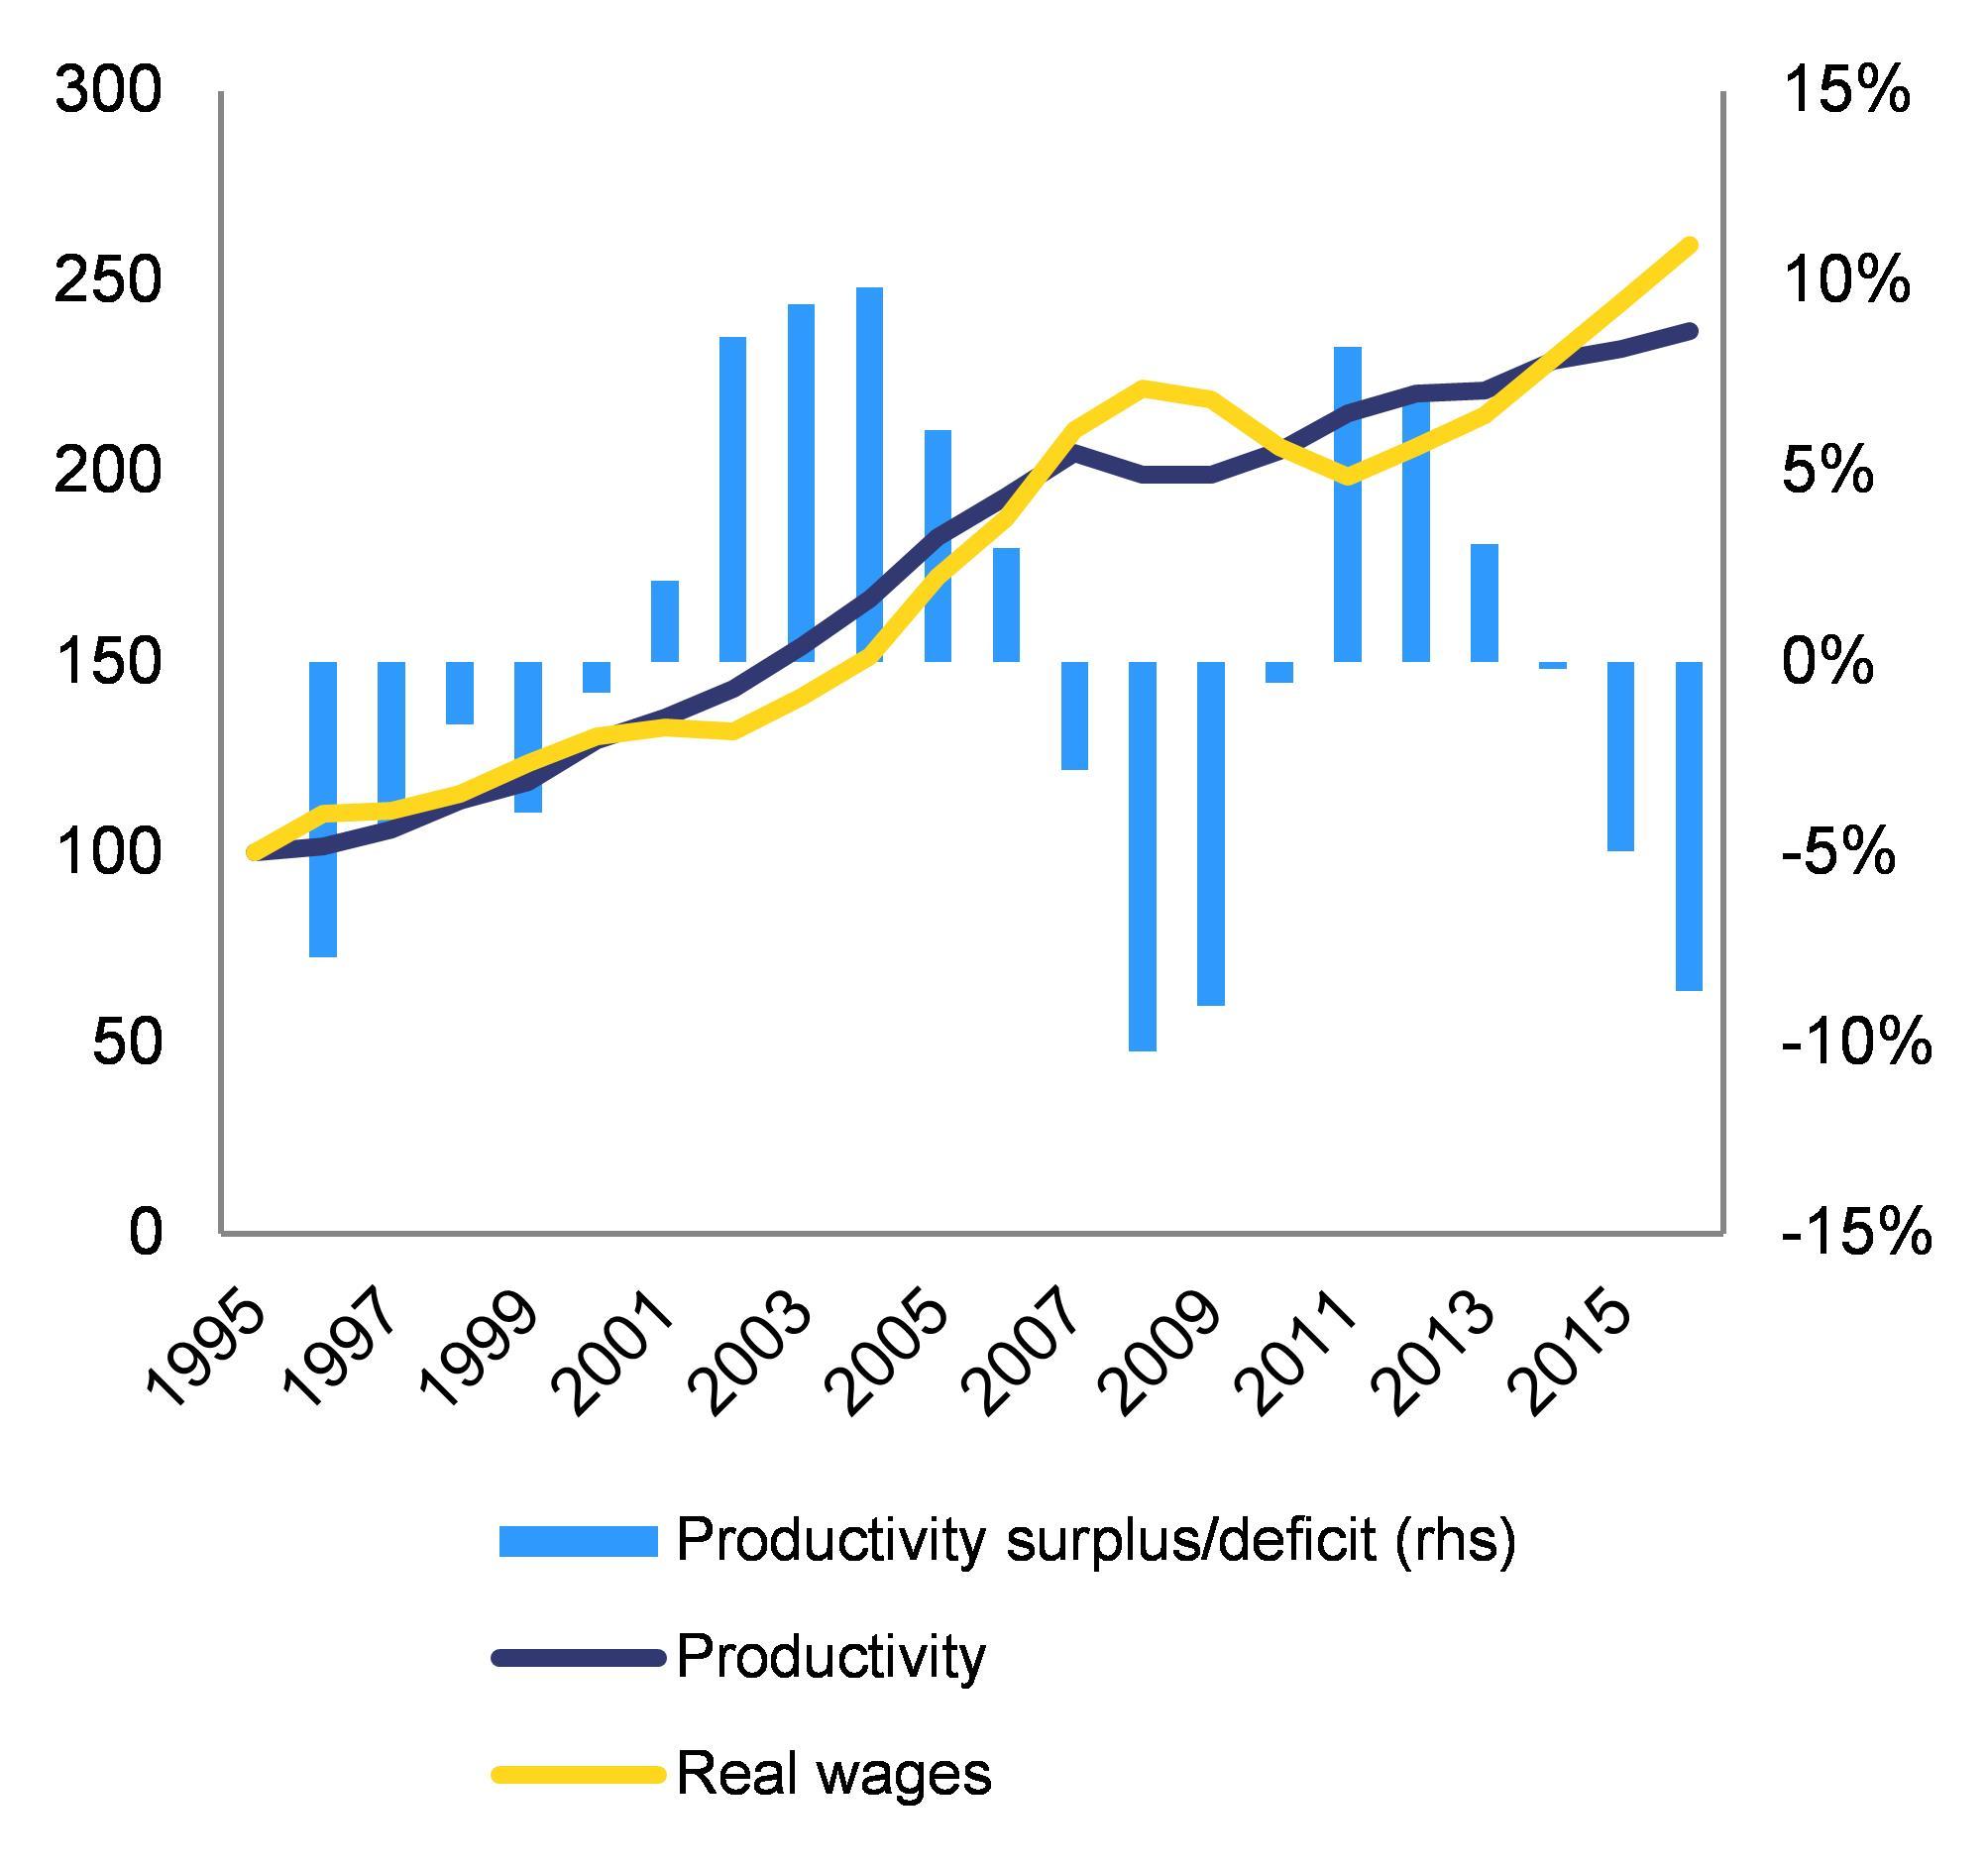 Eur lex 52018sc0212 en eur lex 1 the productivity surplus or deficit is calculated as index value of productivity index value of real wages 1 fandeluxe Images